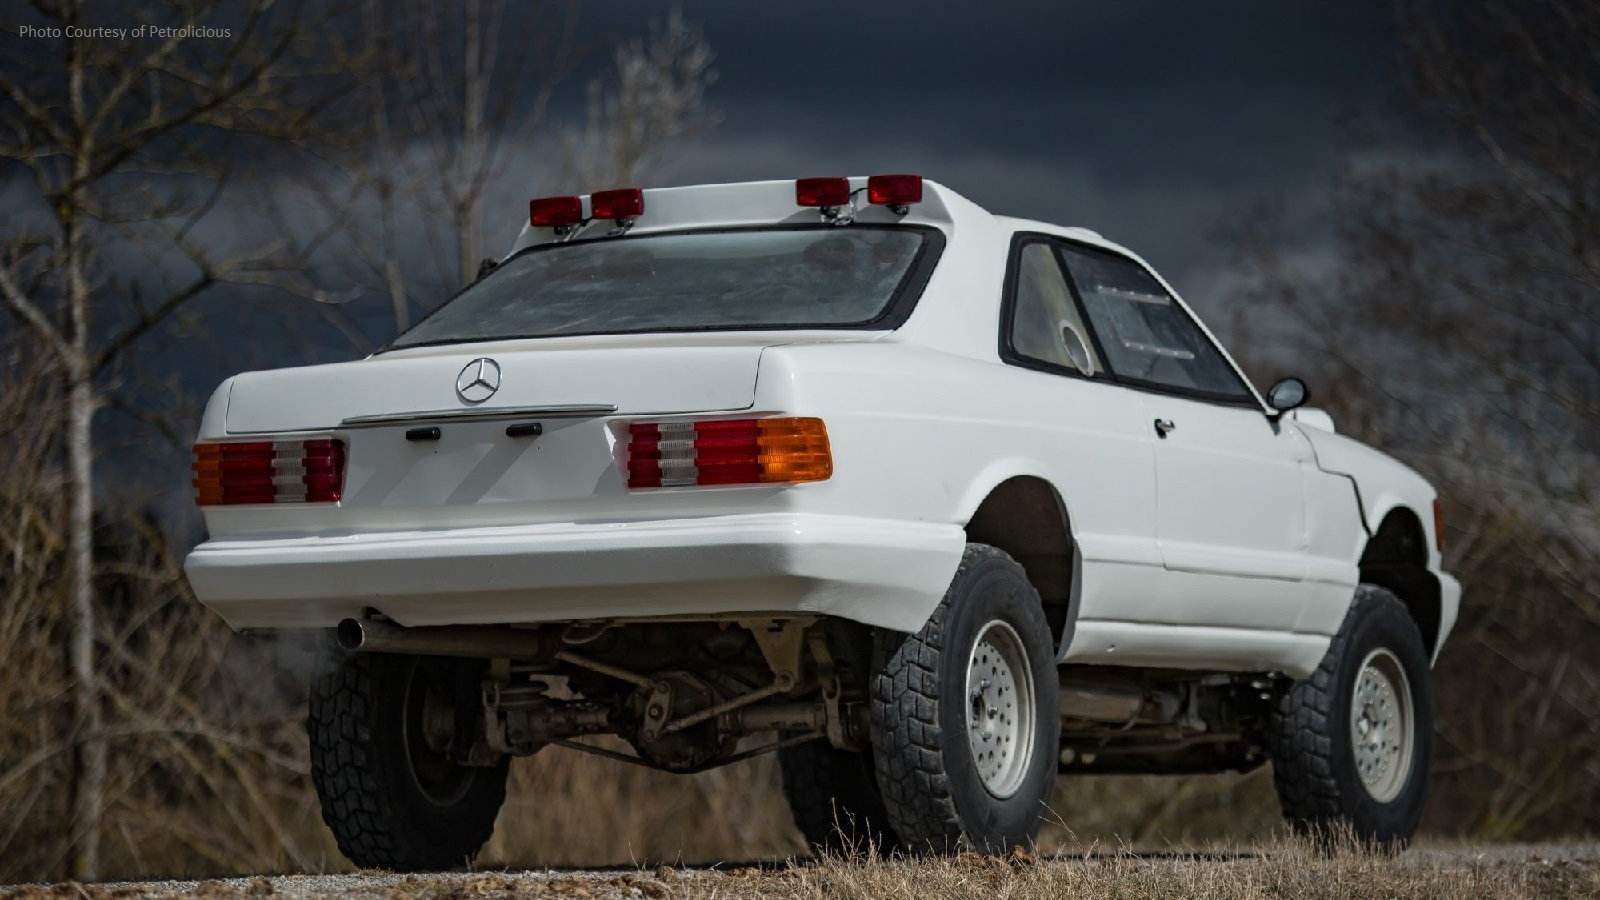 560 SEC Built for Paris-Dakar Rally